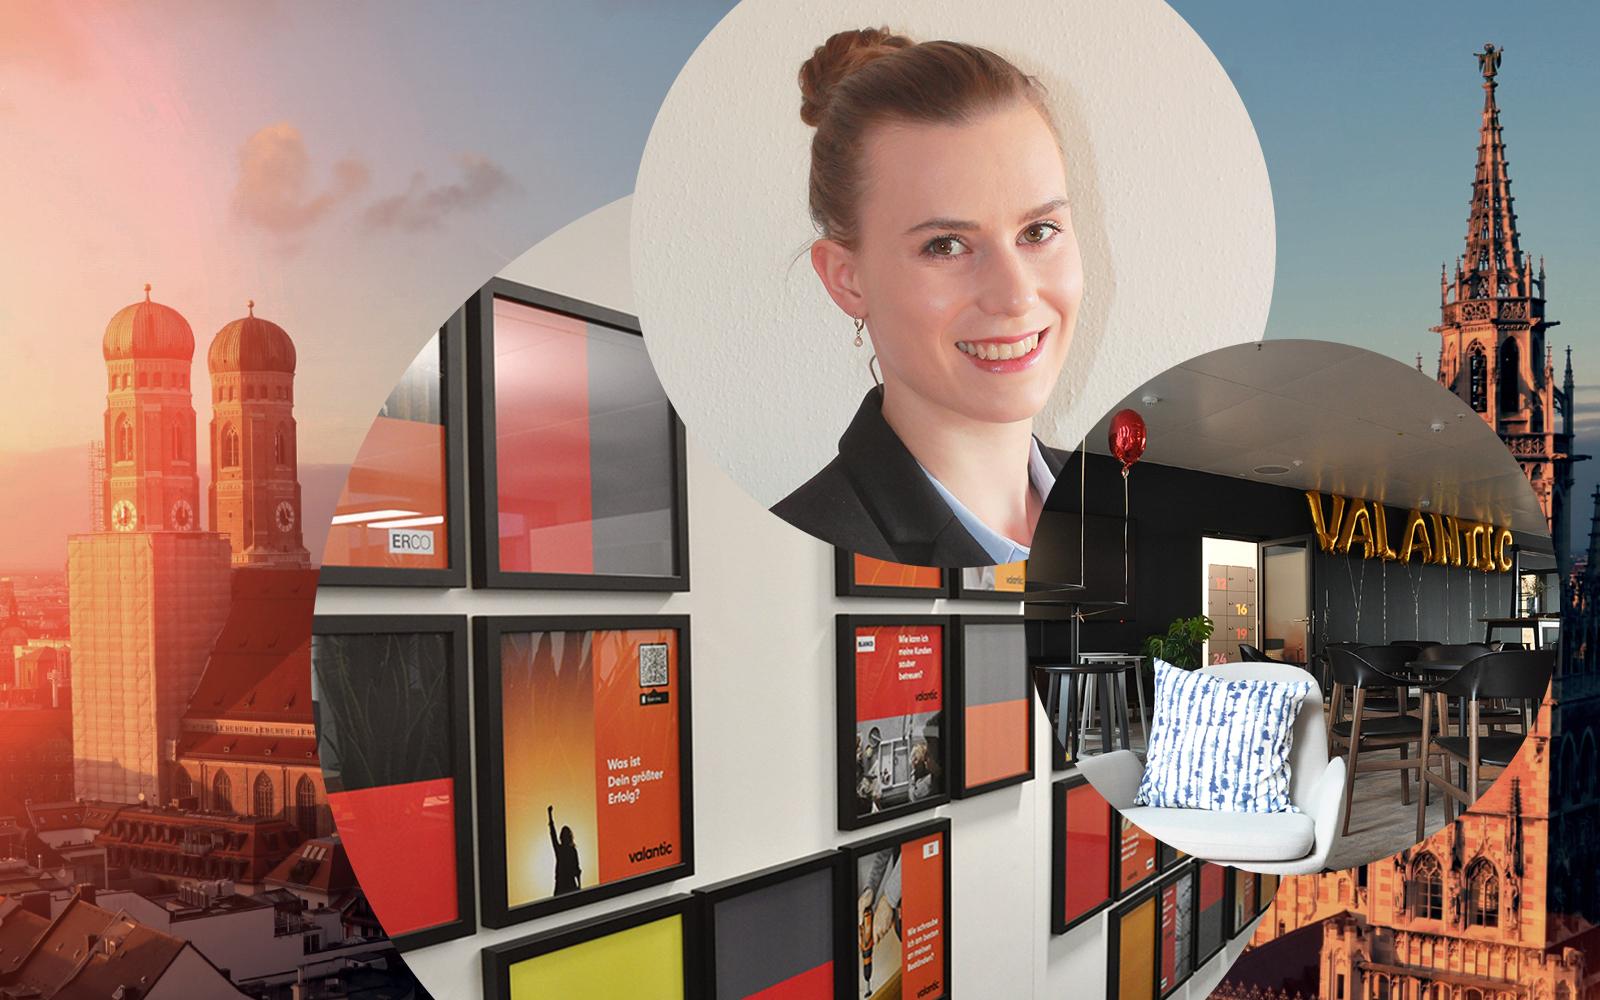 Bild von Katharina Mossbauer, Analystin Integrated Business Planning bei valantic Supply Chain Excellence und dahinter die Büroräumlichkeiten des Münchener valantic Büros sowie die Stadtansicht von München